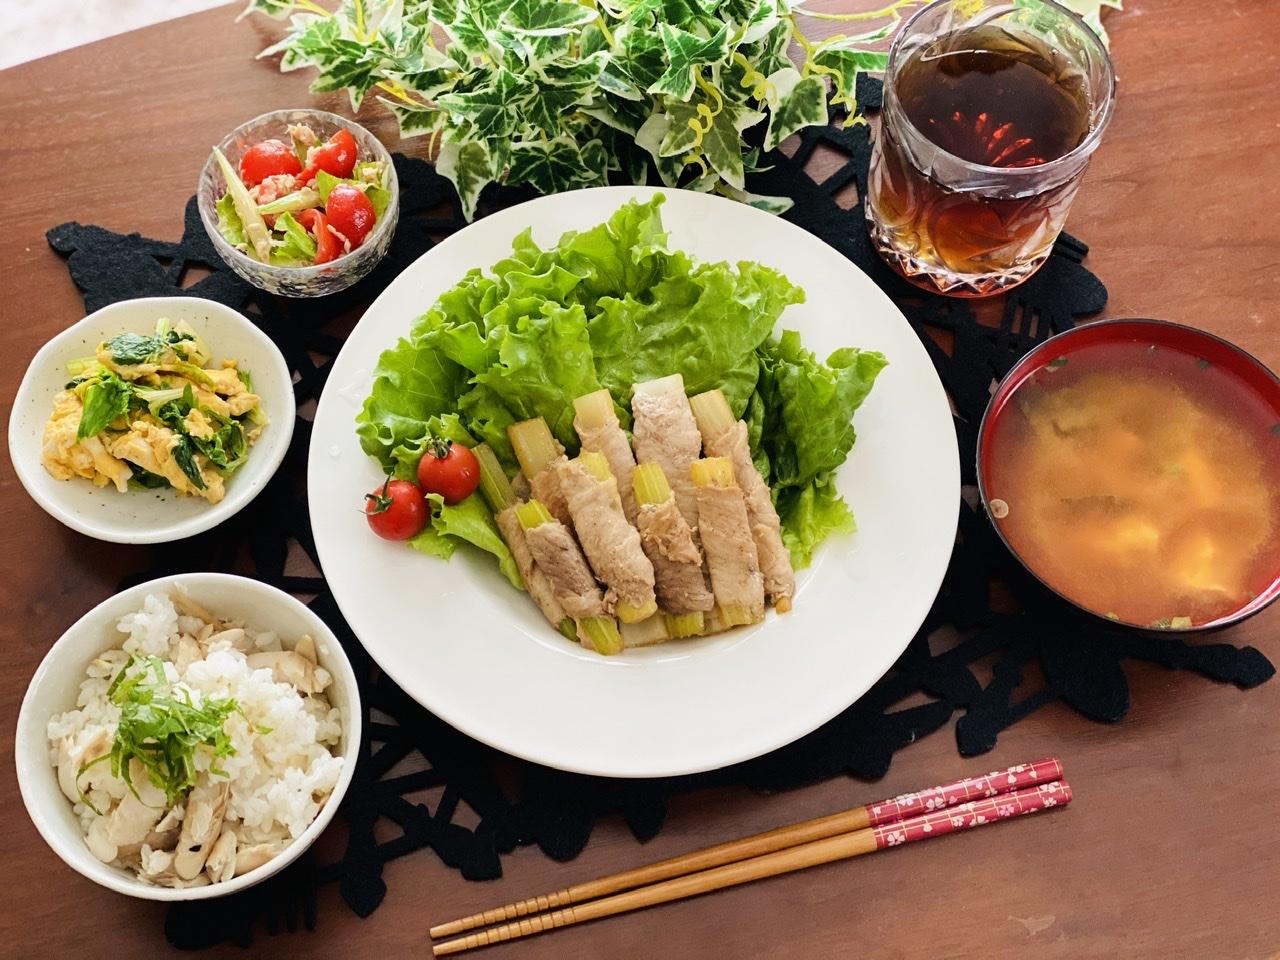 【今月のお家ごはん】アラサー女子の食卓!作り置きおかずでラク晩ご飯♡-Vol.17-_7